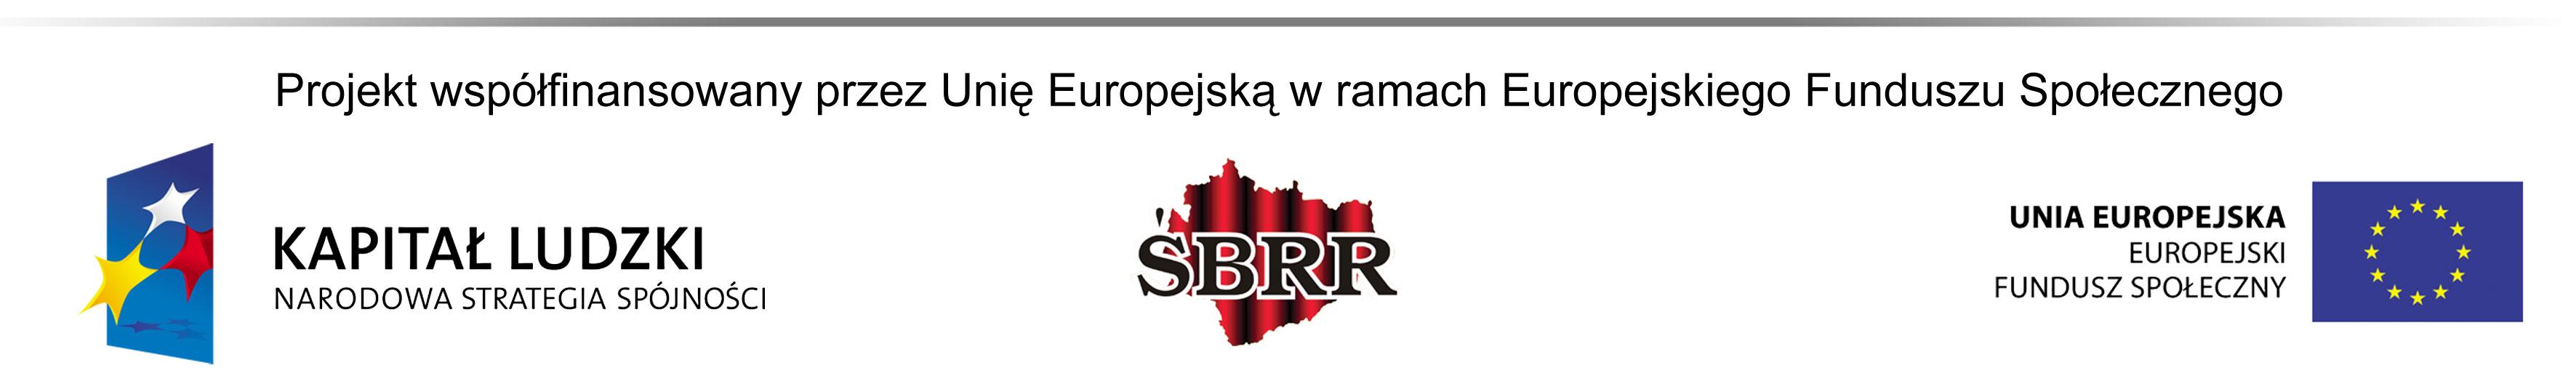 Logo projektu WSPÓLNA SPRAWA